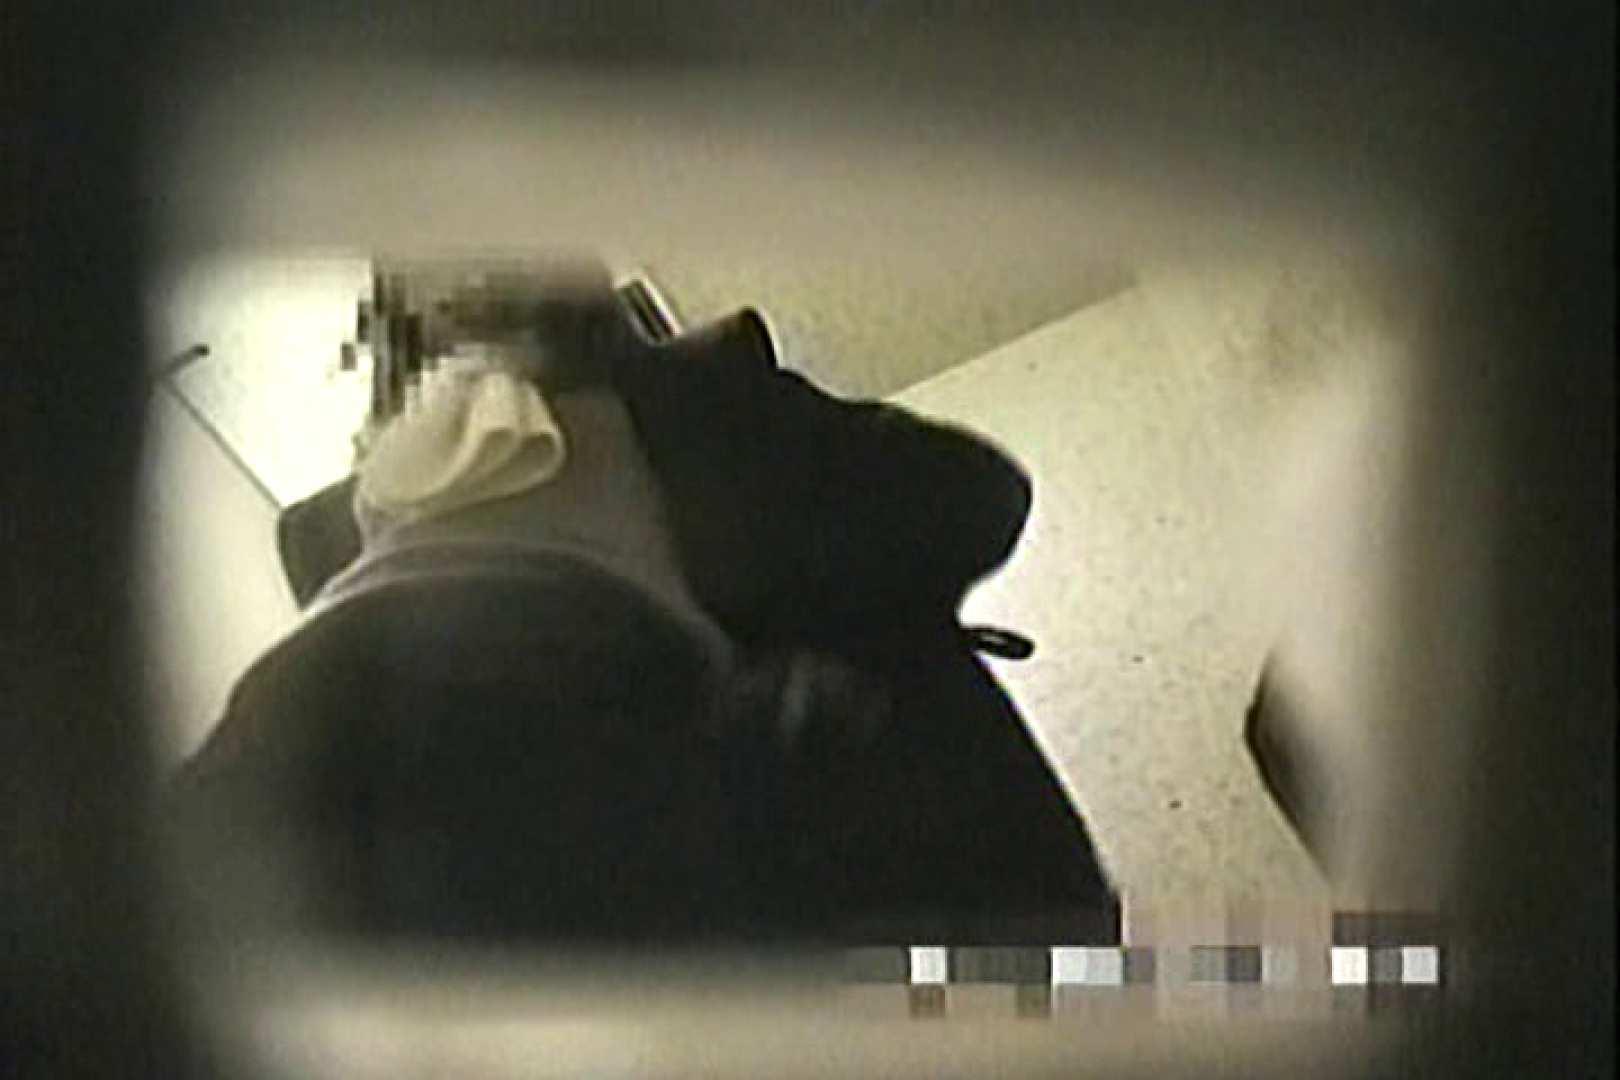 女子洗面所盗撮 今度の2カメは若い子だらけ  TK-127 マルチアングル 盗み撮り動画キャプチャ 62pic 29